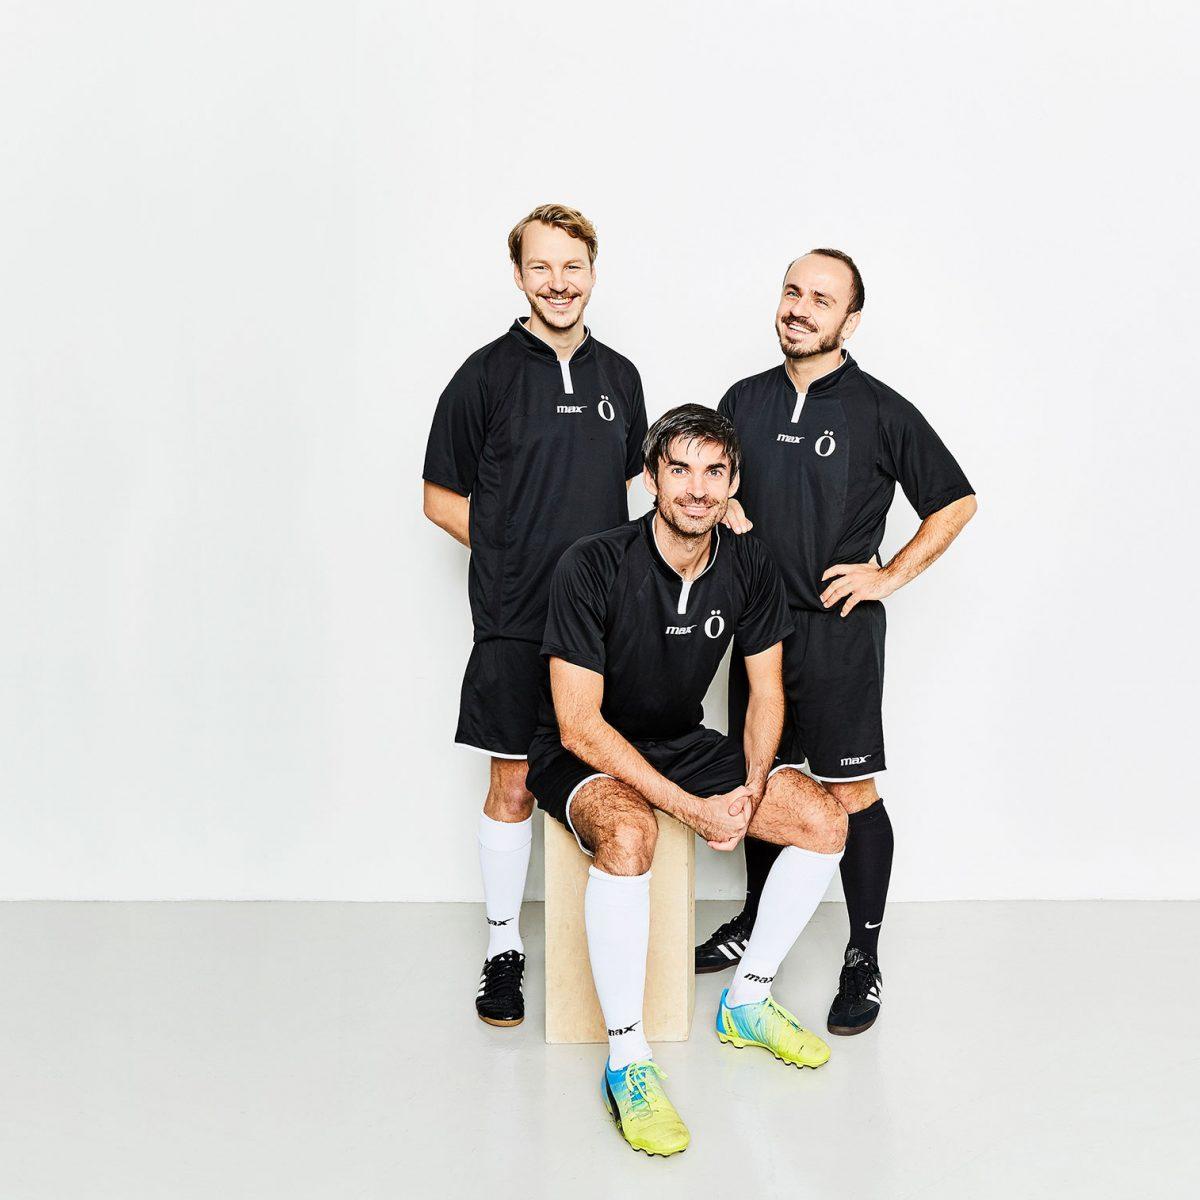 3 fotbollspelare